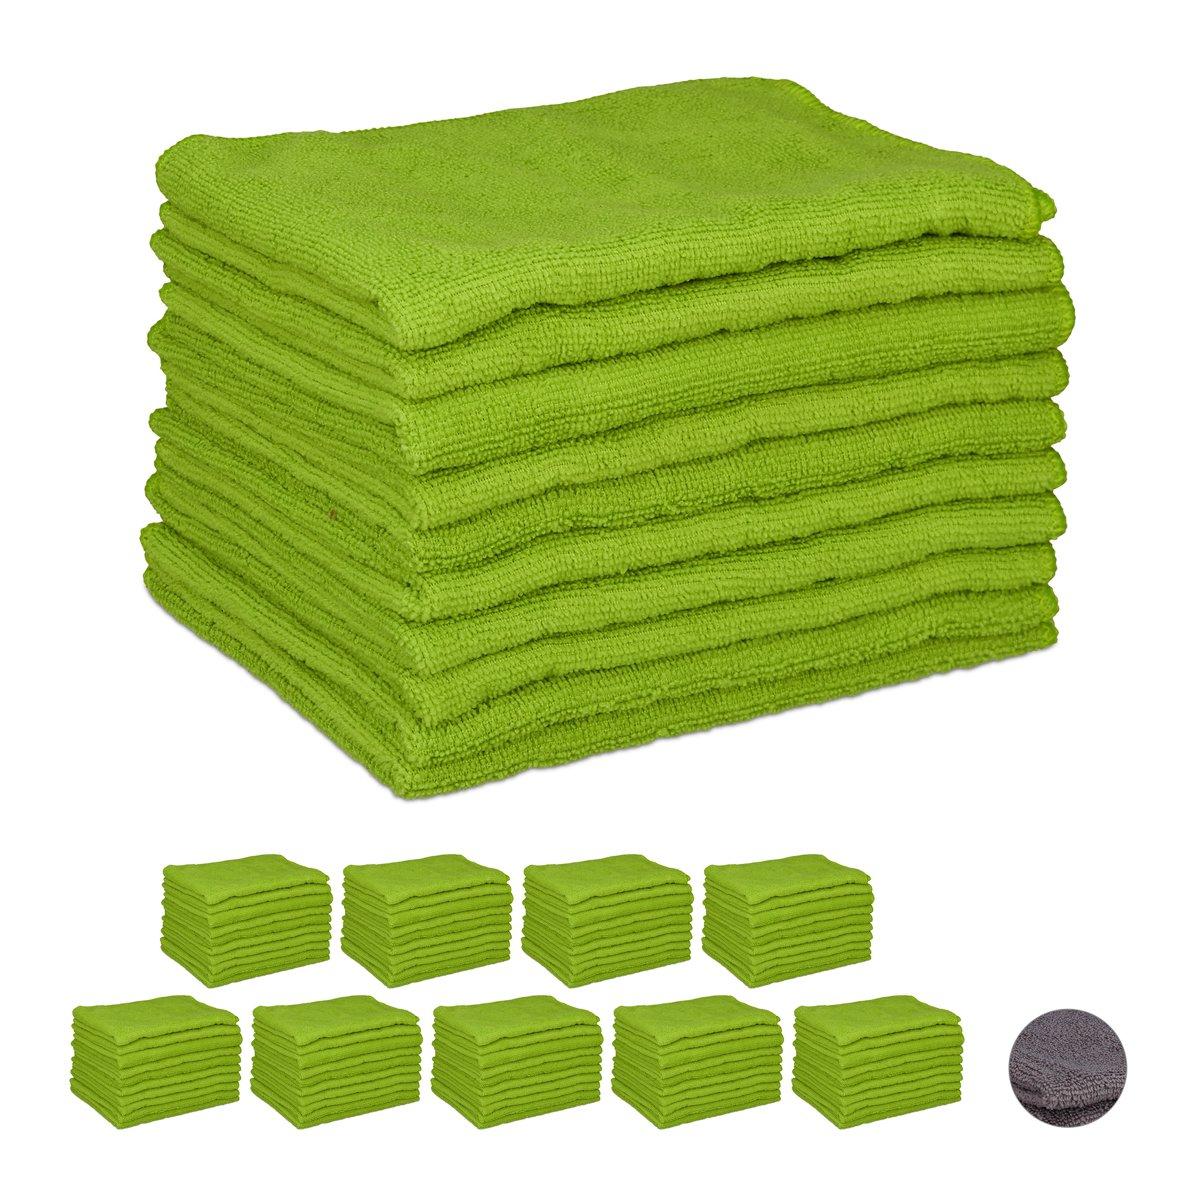 relaxdays 100x microvezeldoek groen - microvezeldoekjes - wonderdoekjes - wasbaar